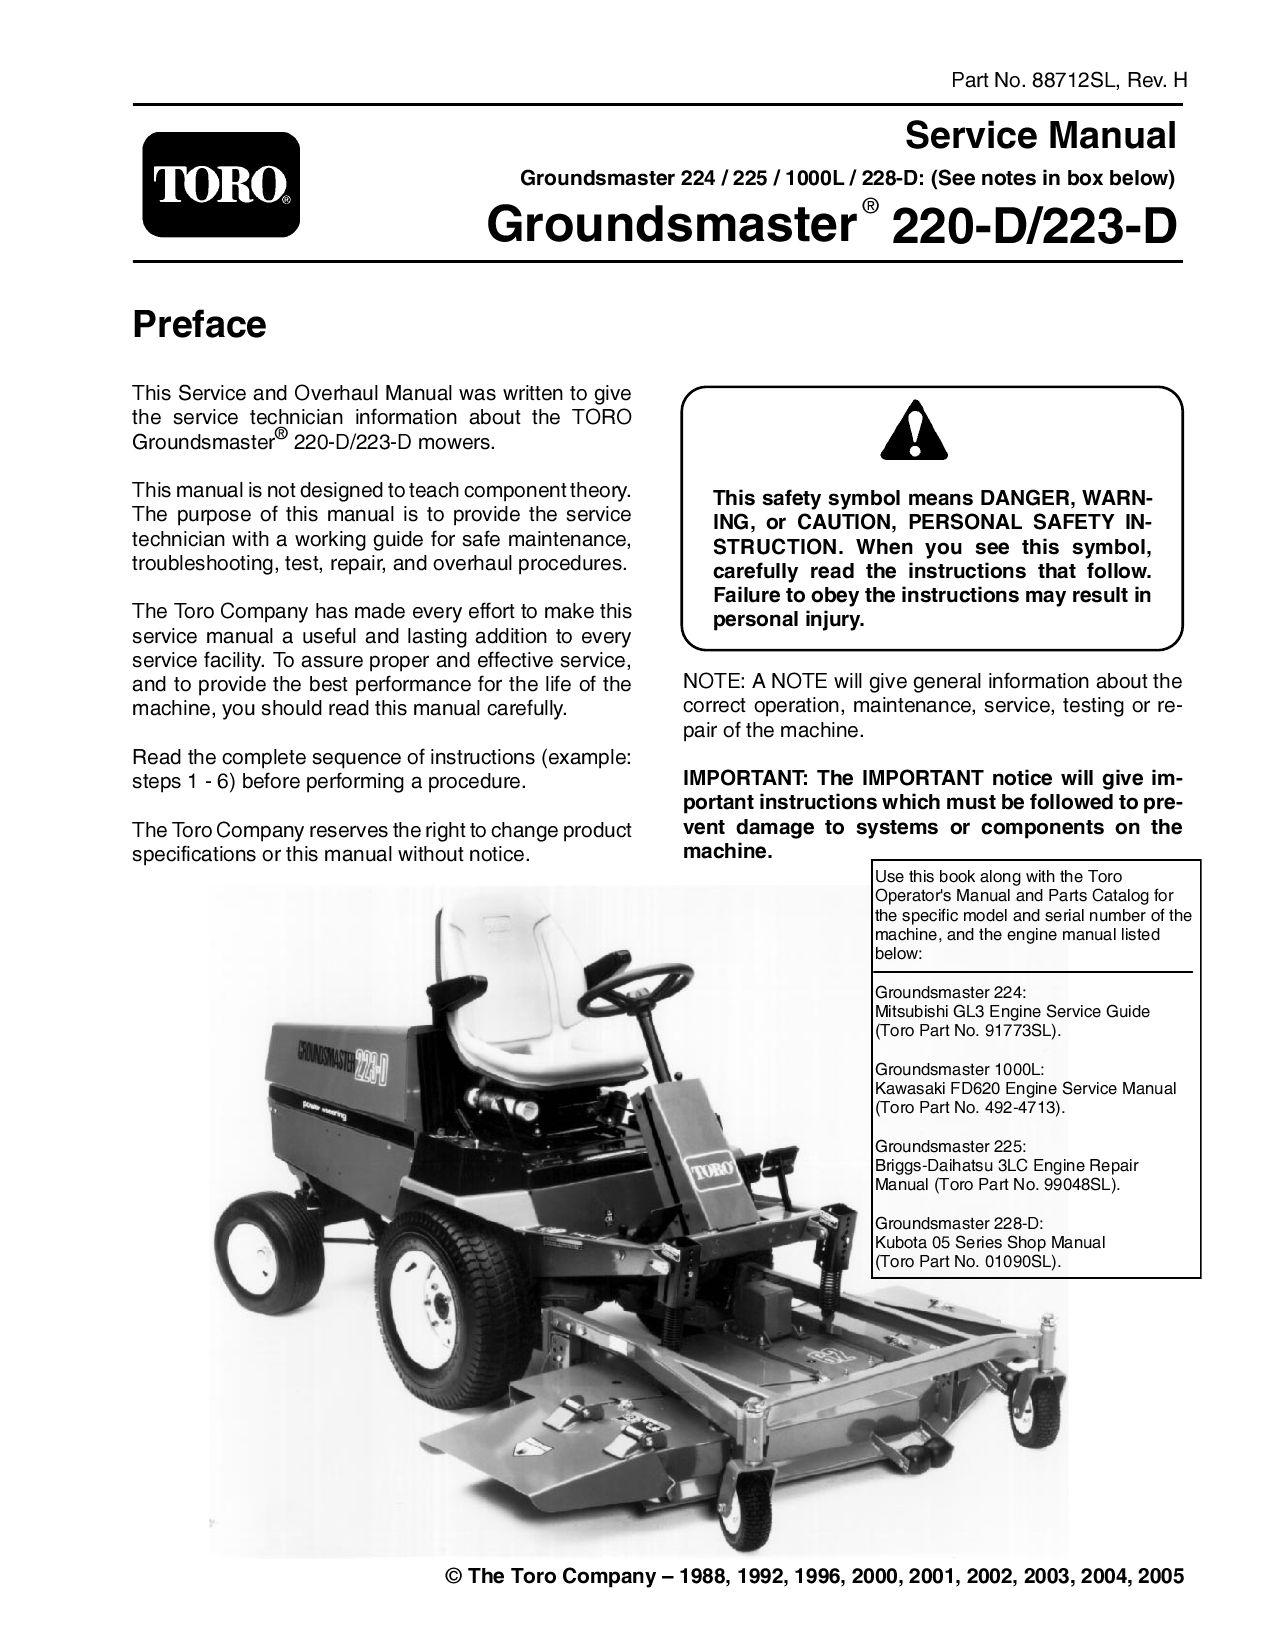 88712sl Pdf Groundsmaster 200 Series Rev H Nov 2005 By Negimachi Issuu